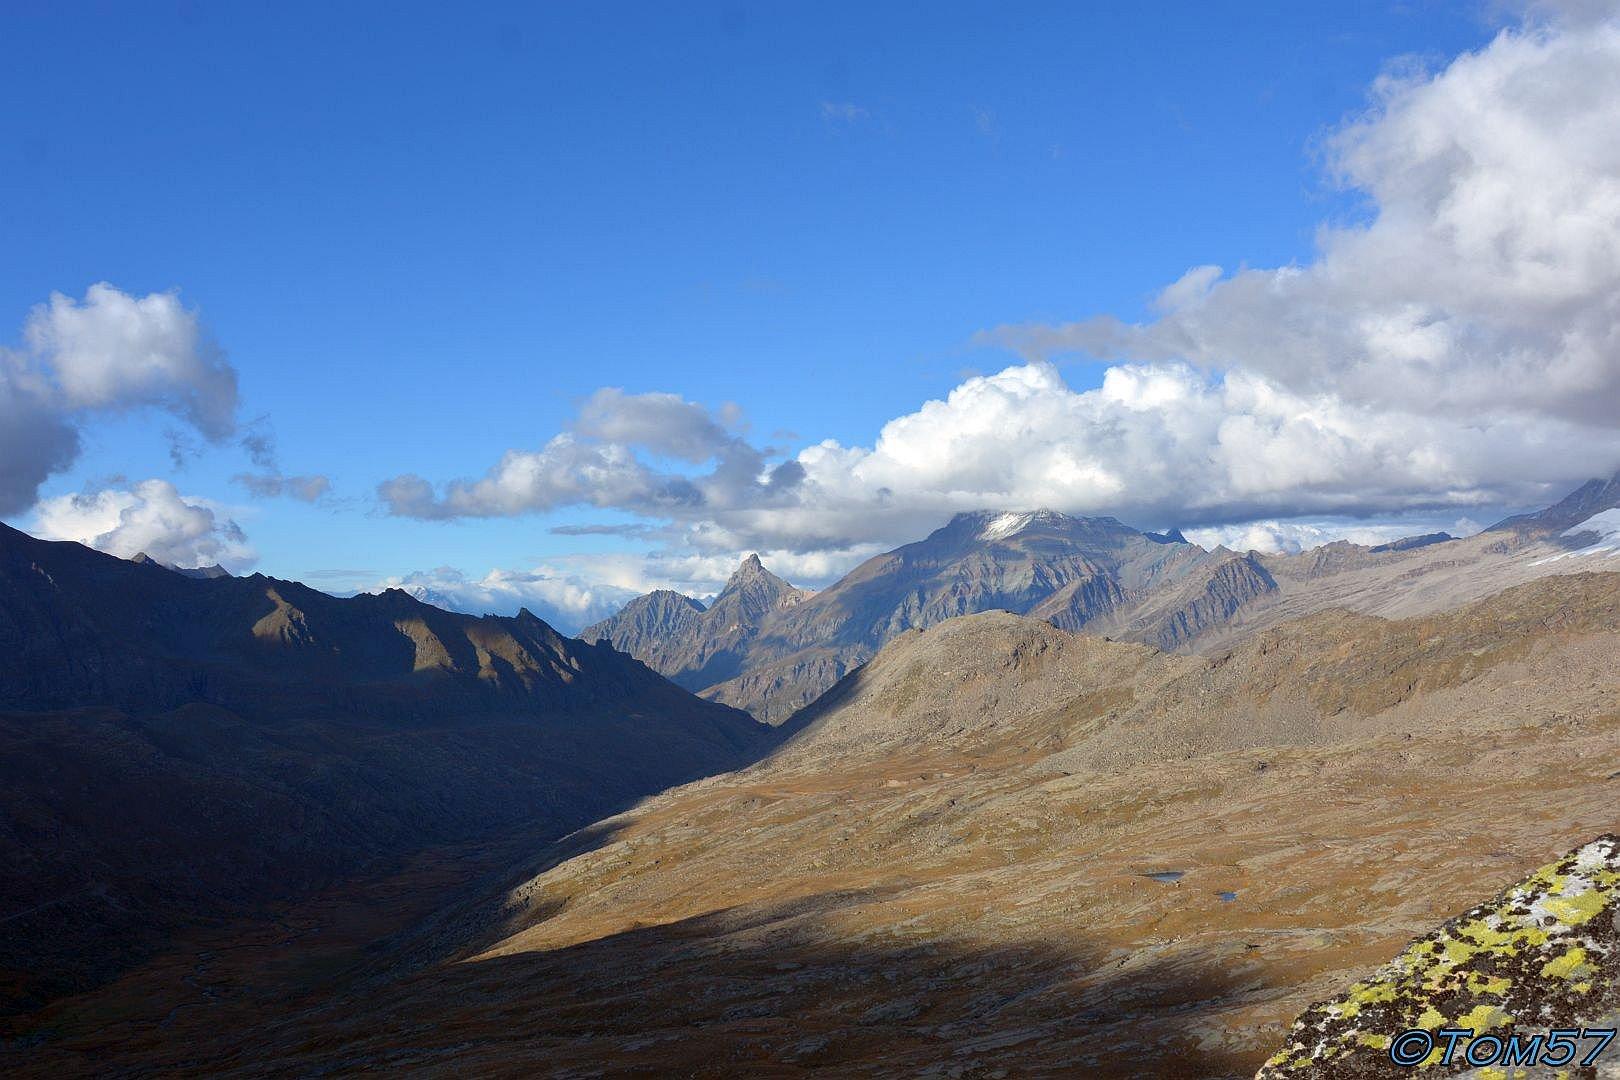 La Grivola e più a destra il Gran Paradiso nascosto dalle nuvole